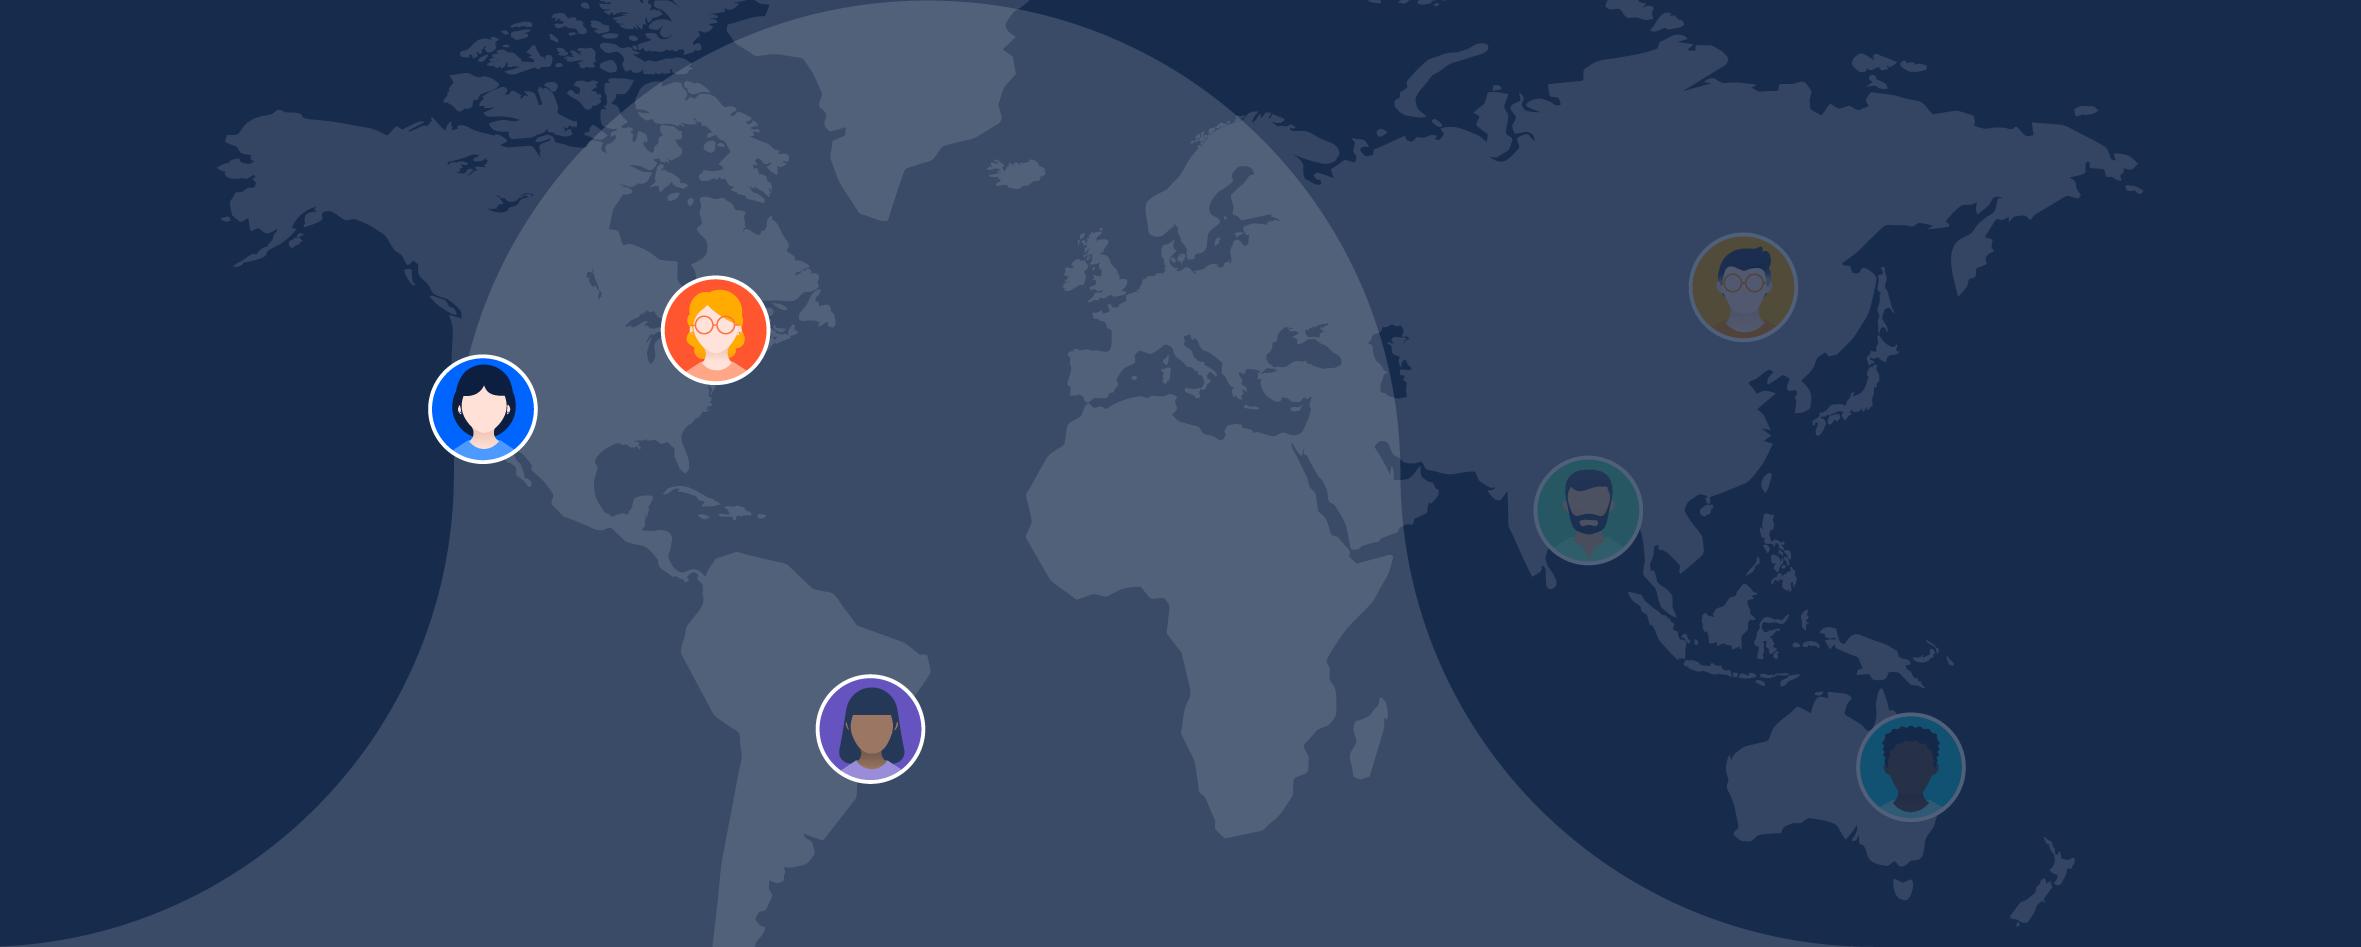 Mapa mundial com agentes destacados